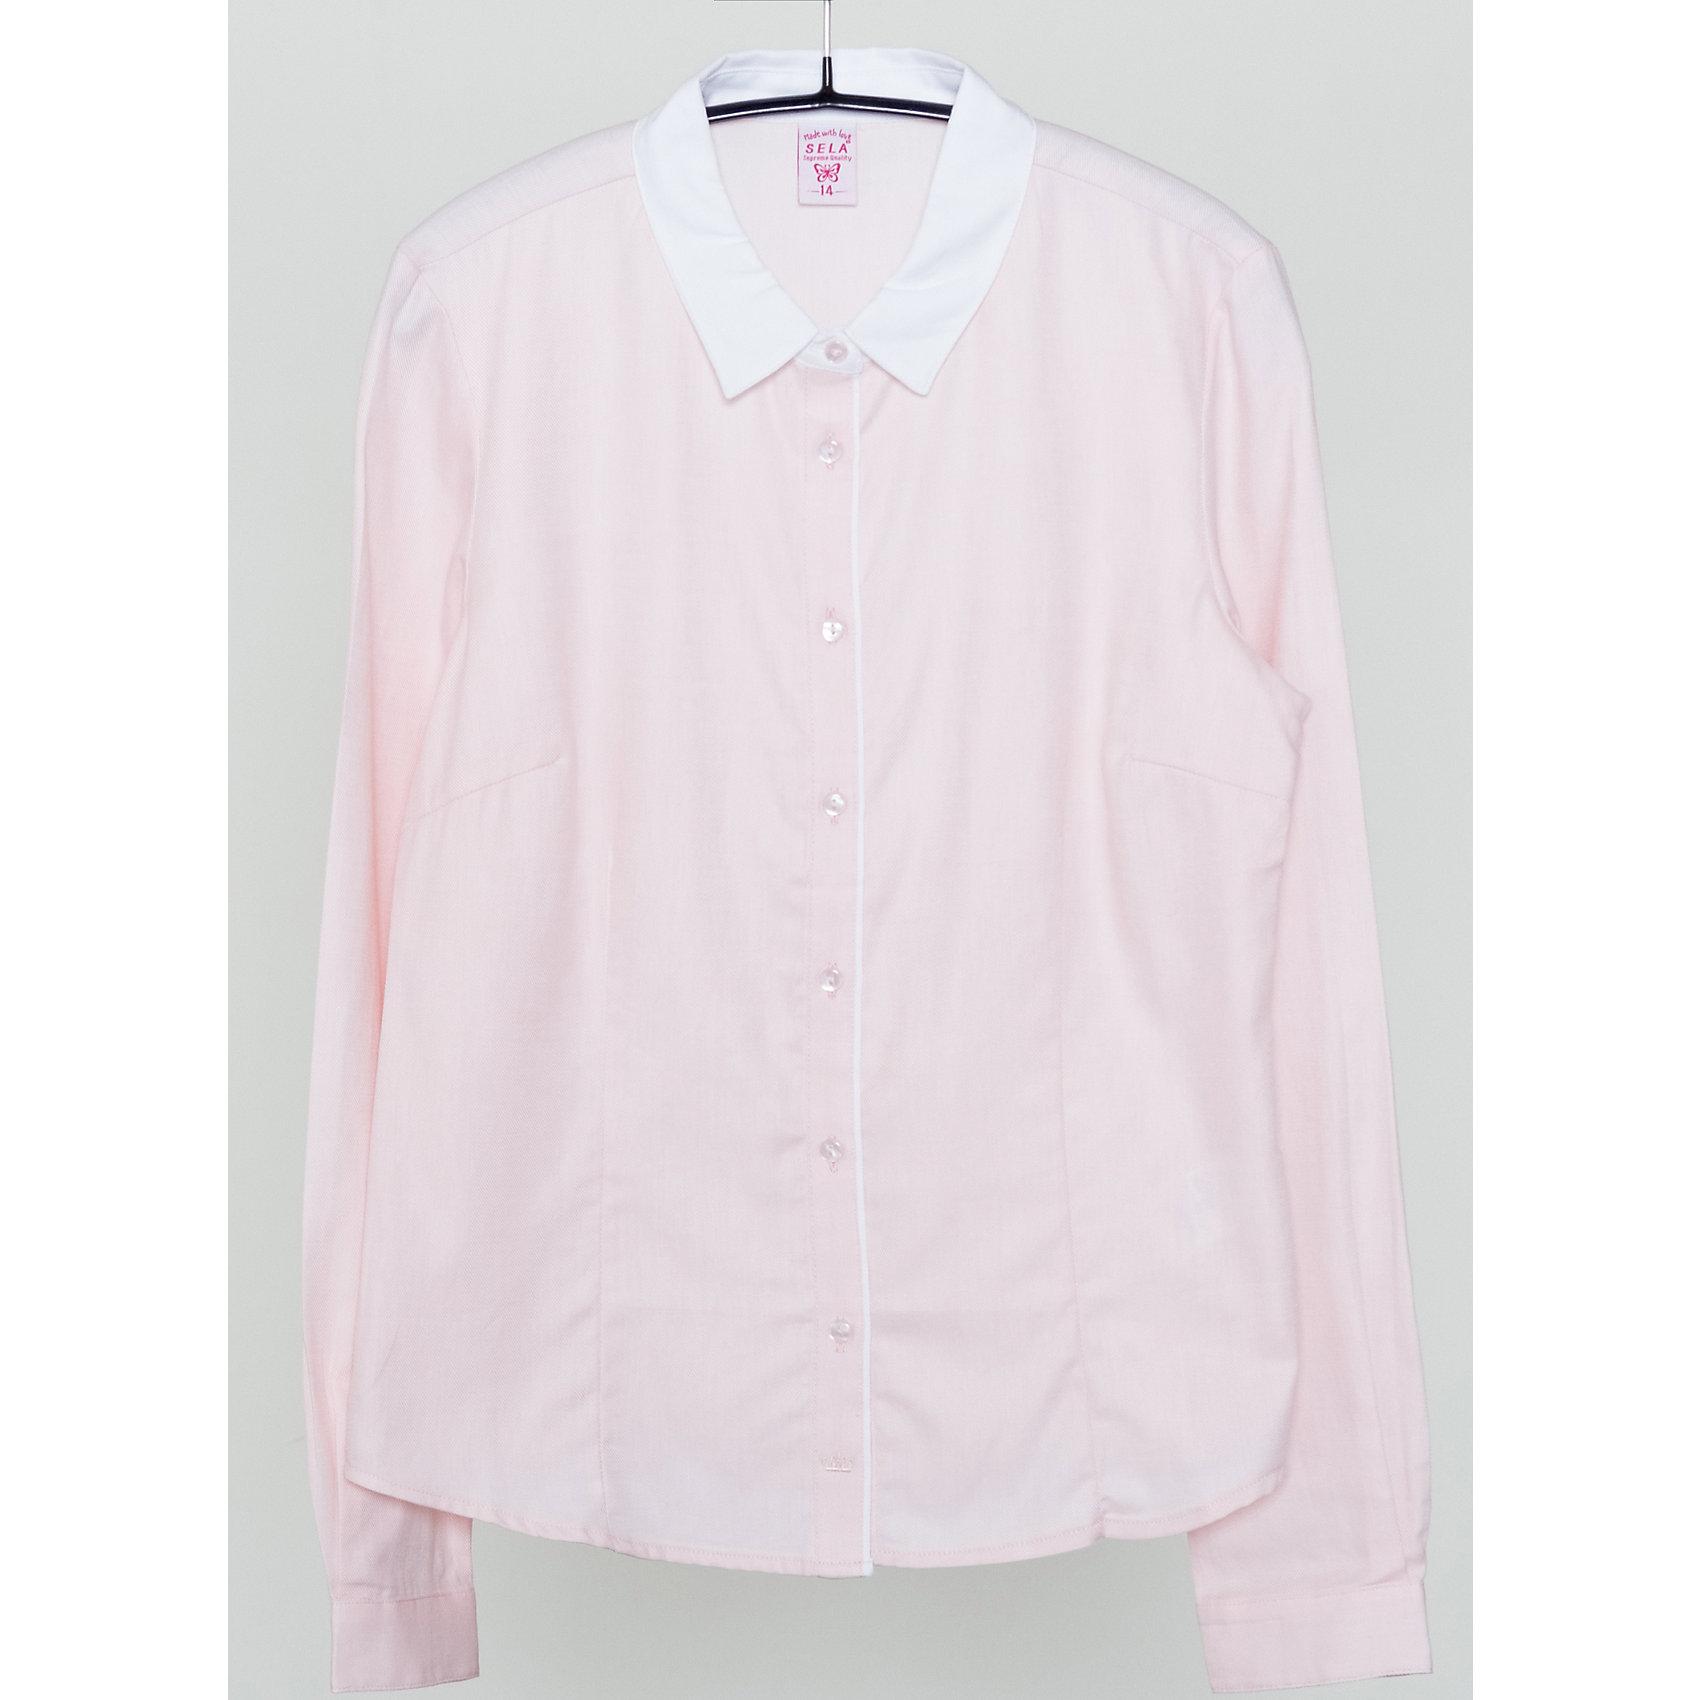 Блузка для девочки SELAБлузки и рубашки<br>Красивая блузка для девочки необходимый атрибут в гардеробе юной леди.<br><br>У блузки приталенный крой, поэтому она хорошо будет смотреться с юбками и брюками.<br><br>Такая блузка станет приятным сюрпризом для Вашей малышки.<br><br>Дополнительная информация:<br><br>- Приталенный крой.<br>- Длинный рукав, отложной воротничок.<br>- Цвет: коралловый<br>- Состав: хлопок 100%<br>- Бренд: SELA<br>- Коллекция: осень-зима 2016-2017<br><br>Купить блузку для девочки от SELA можно в нашем магазине.<br><br>Ширина мм: 186<br>Глубина мм: 87<br>Высота мм: 198<br>Вес г: 197<br>Цвет: розовый<br>Возраст от месяцев: 168<br>Возраст до месяцев: 180<br>Пол: Женский<br>Возраст: Детский<br>Размер: 170,158,152,164<br>SKU: 4883449